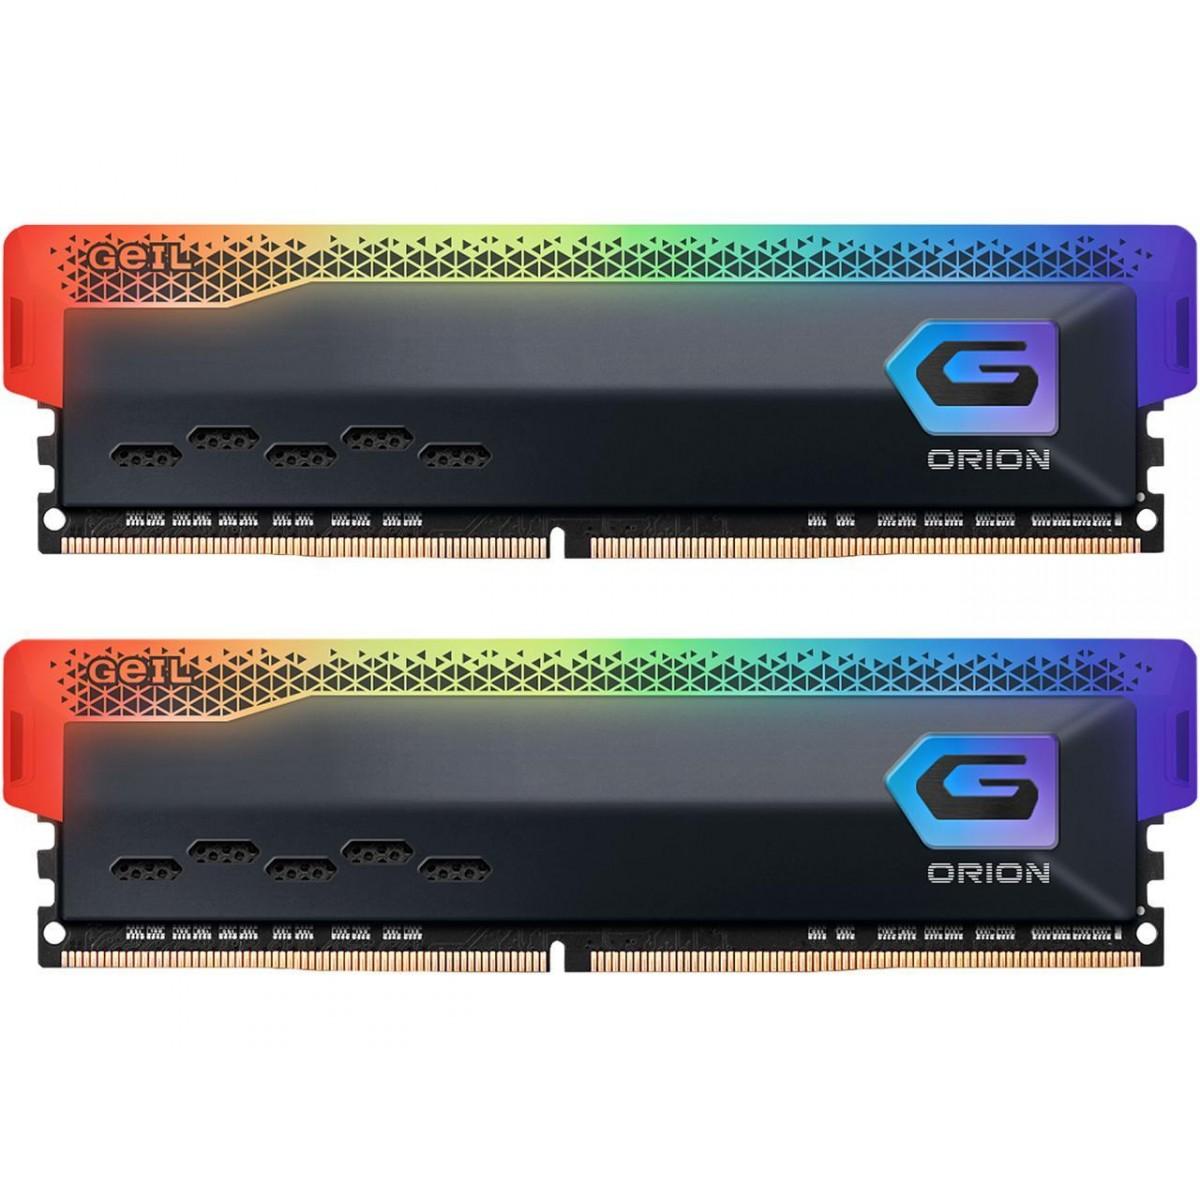 Memória DDR4 Geil Orion, Edição AMD, 16GB (2x8GB) 3000MHz, RGB, Grey, GAOSG416GB3000C16ADC